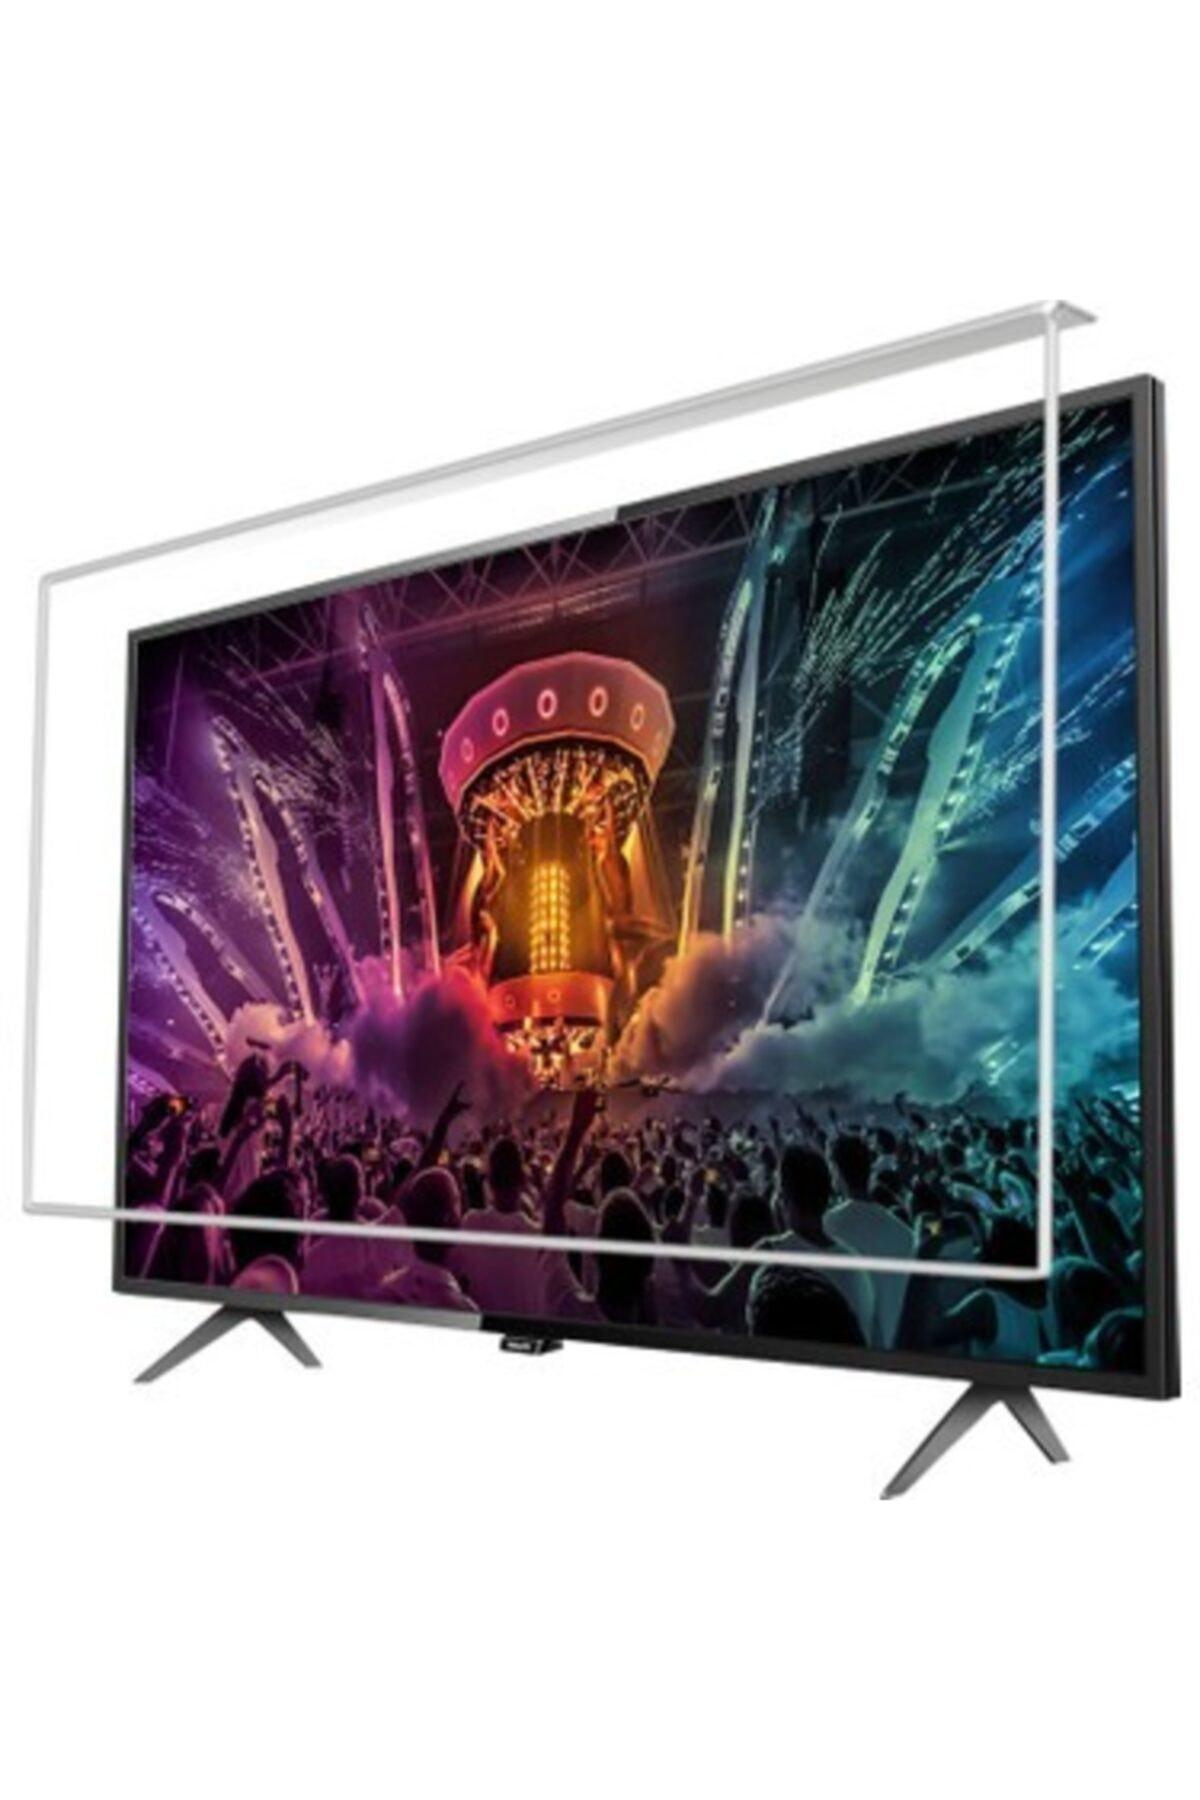 Phılıps 65pus7805 6 Uyumlu  164 cm 4k Tv Ekran Koruyucu